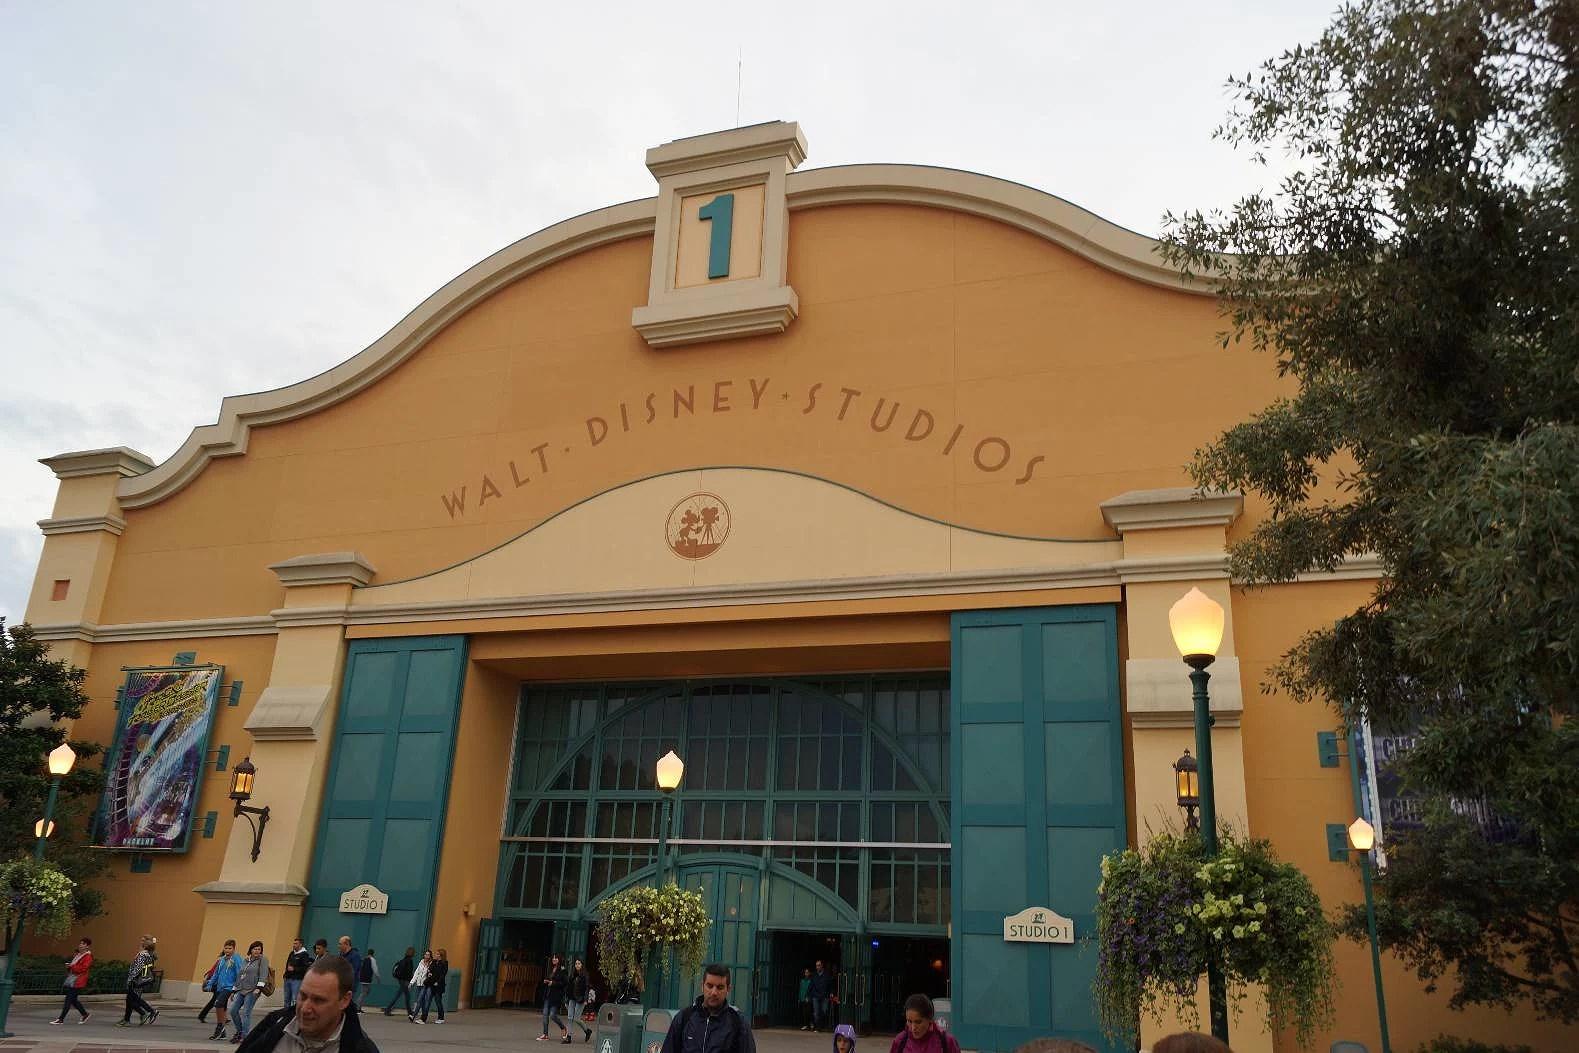 Marvel attraktioner kommer till Disneyland Paris